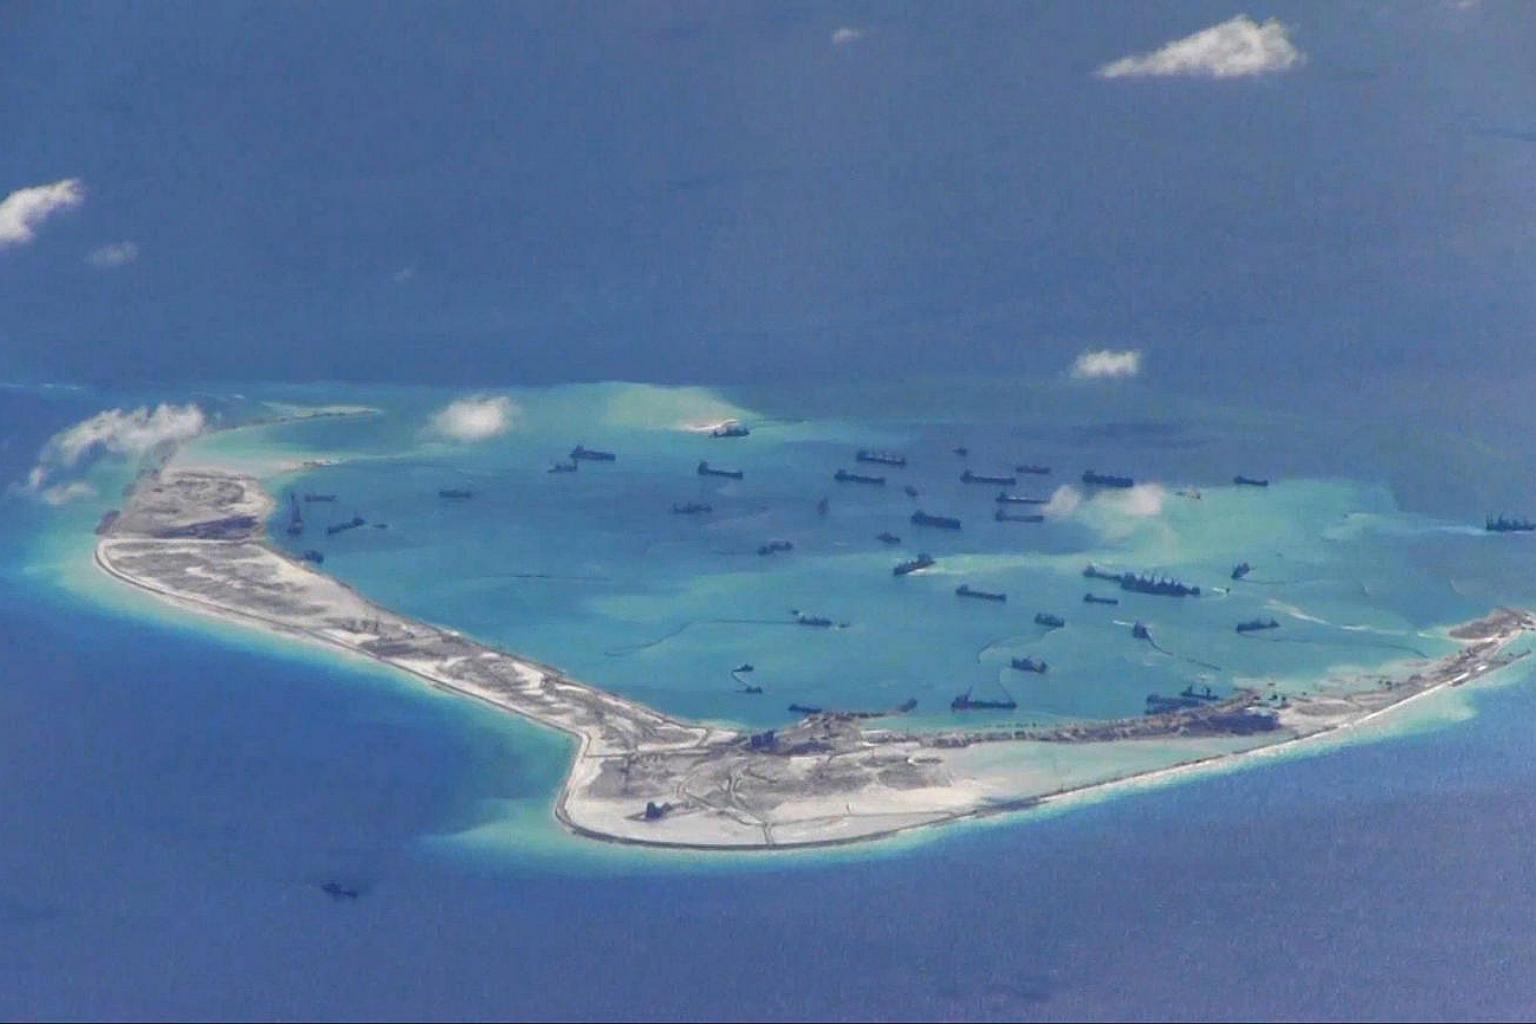 Trung Quốc xây dựng trái phép tại đá Vành Khăn thuộc quần đảo Trường Sa của Việt Nam. Ảnh: Reuters